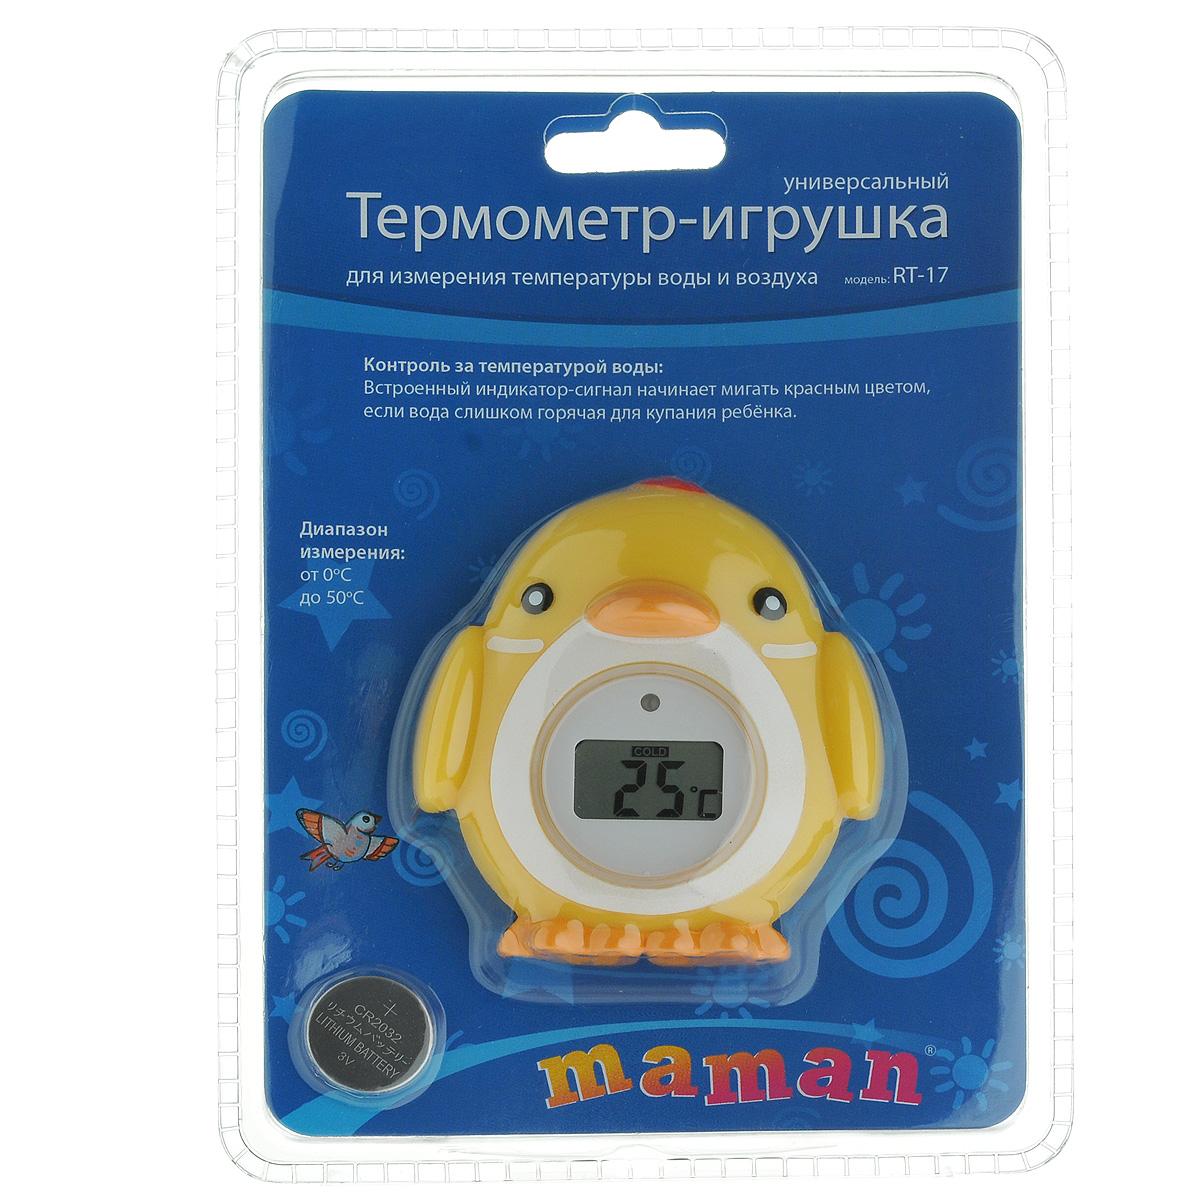 Термометр для воды Maman Цыпленок, цифровойRT-17_цыпленокЦифровой термометр Maman Цыпленок, предназначенный для воды и комнатной температуры, позволит вам удобно контролировать температуру как в детской, так и в ванне. Кроме того, во время купания термометр, выполненный в виде забавного цыпленка, может использоваться как игрушка.Температура воды будет отображаться на экране прибора спустя 30-60 секунд нахождения в ванне. Если вода слишком горячая для купания ребенка, то встроенный индикатор-сигнал начинает мигать красным цветом.Цифровой термометр работает от батарейки типа CR2032 (товар комплектуется демонстрационной). Также в комплекте запасная батарейка.Диапазон измерений: от 0° C до 50° C.